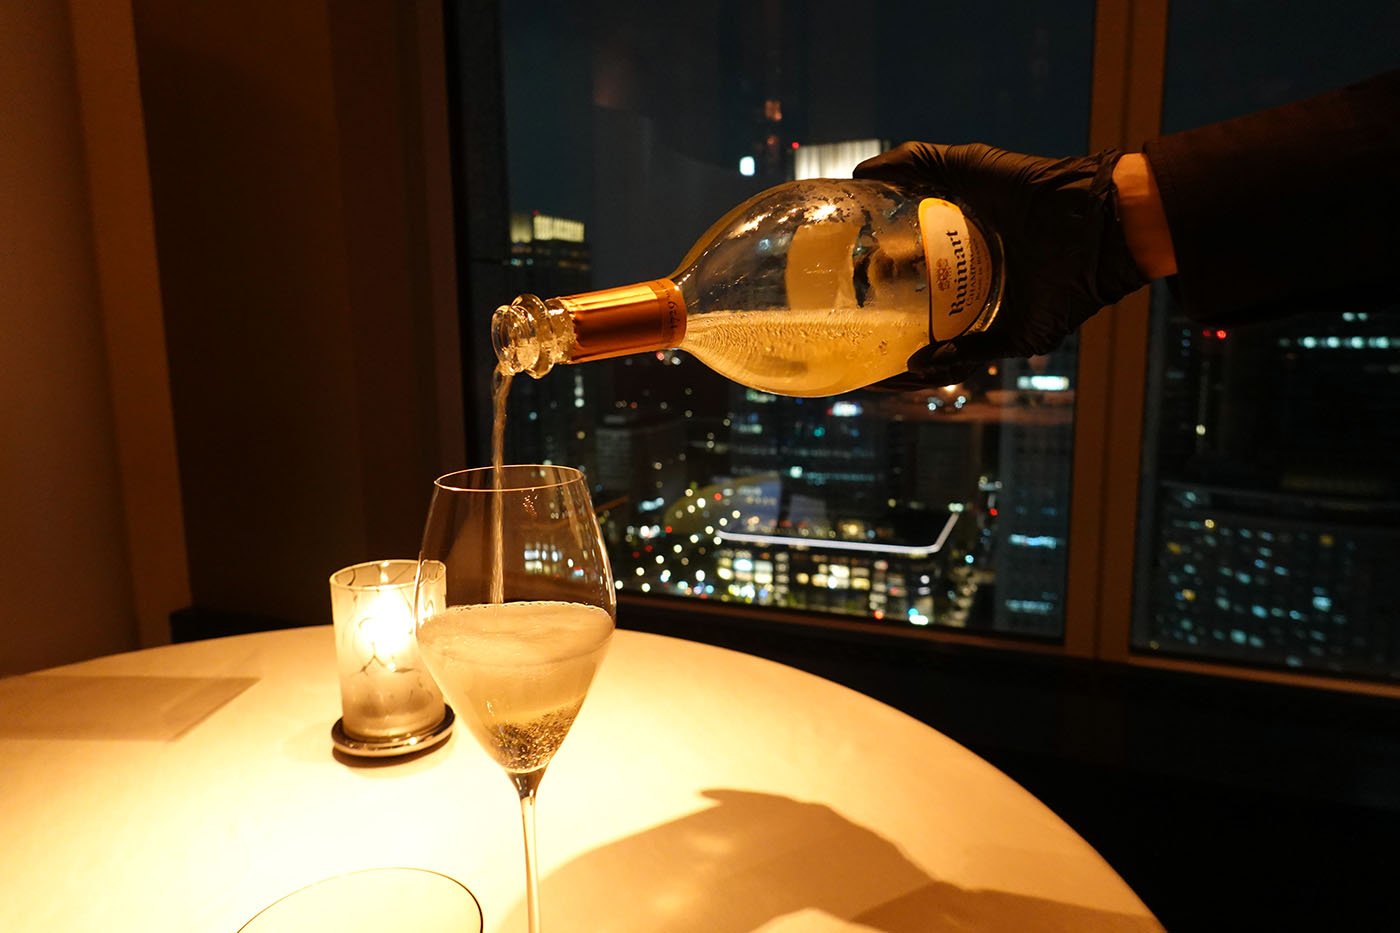 シャングリラホテル東京ピャチェーレウェルカムシャンパン